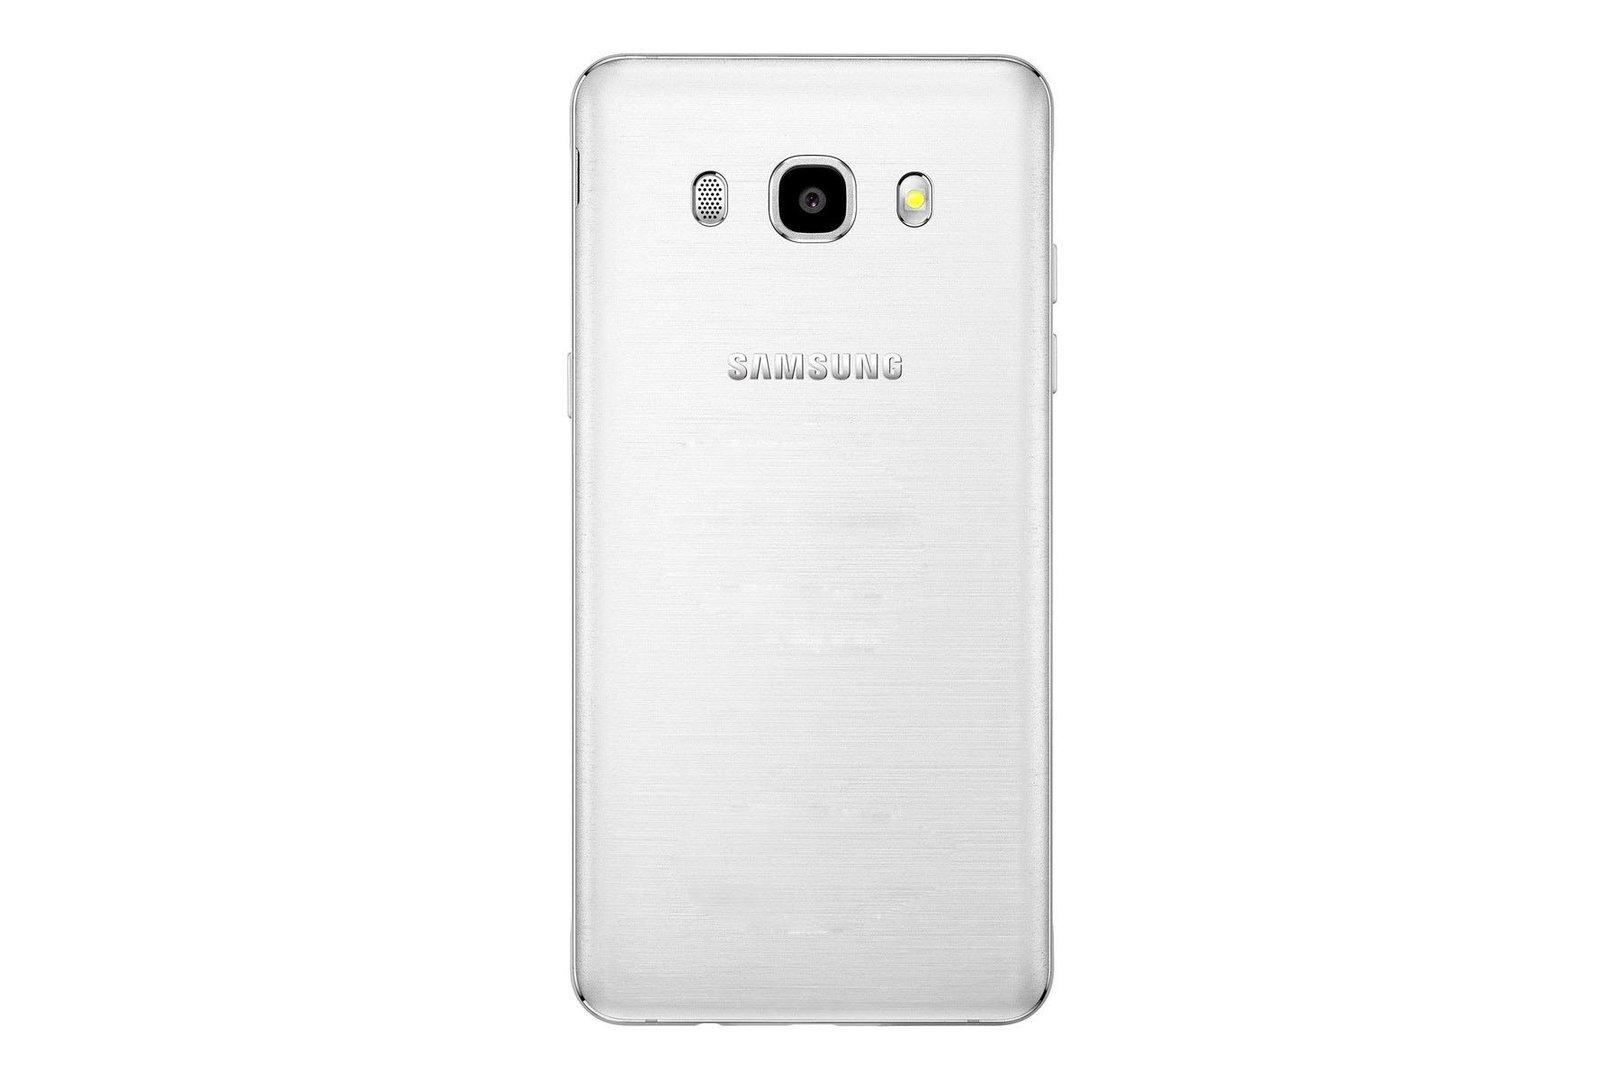 Samsung J5 J510 Blanco Kemik Guatemala Tienda En Línea Kémik